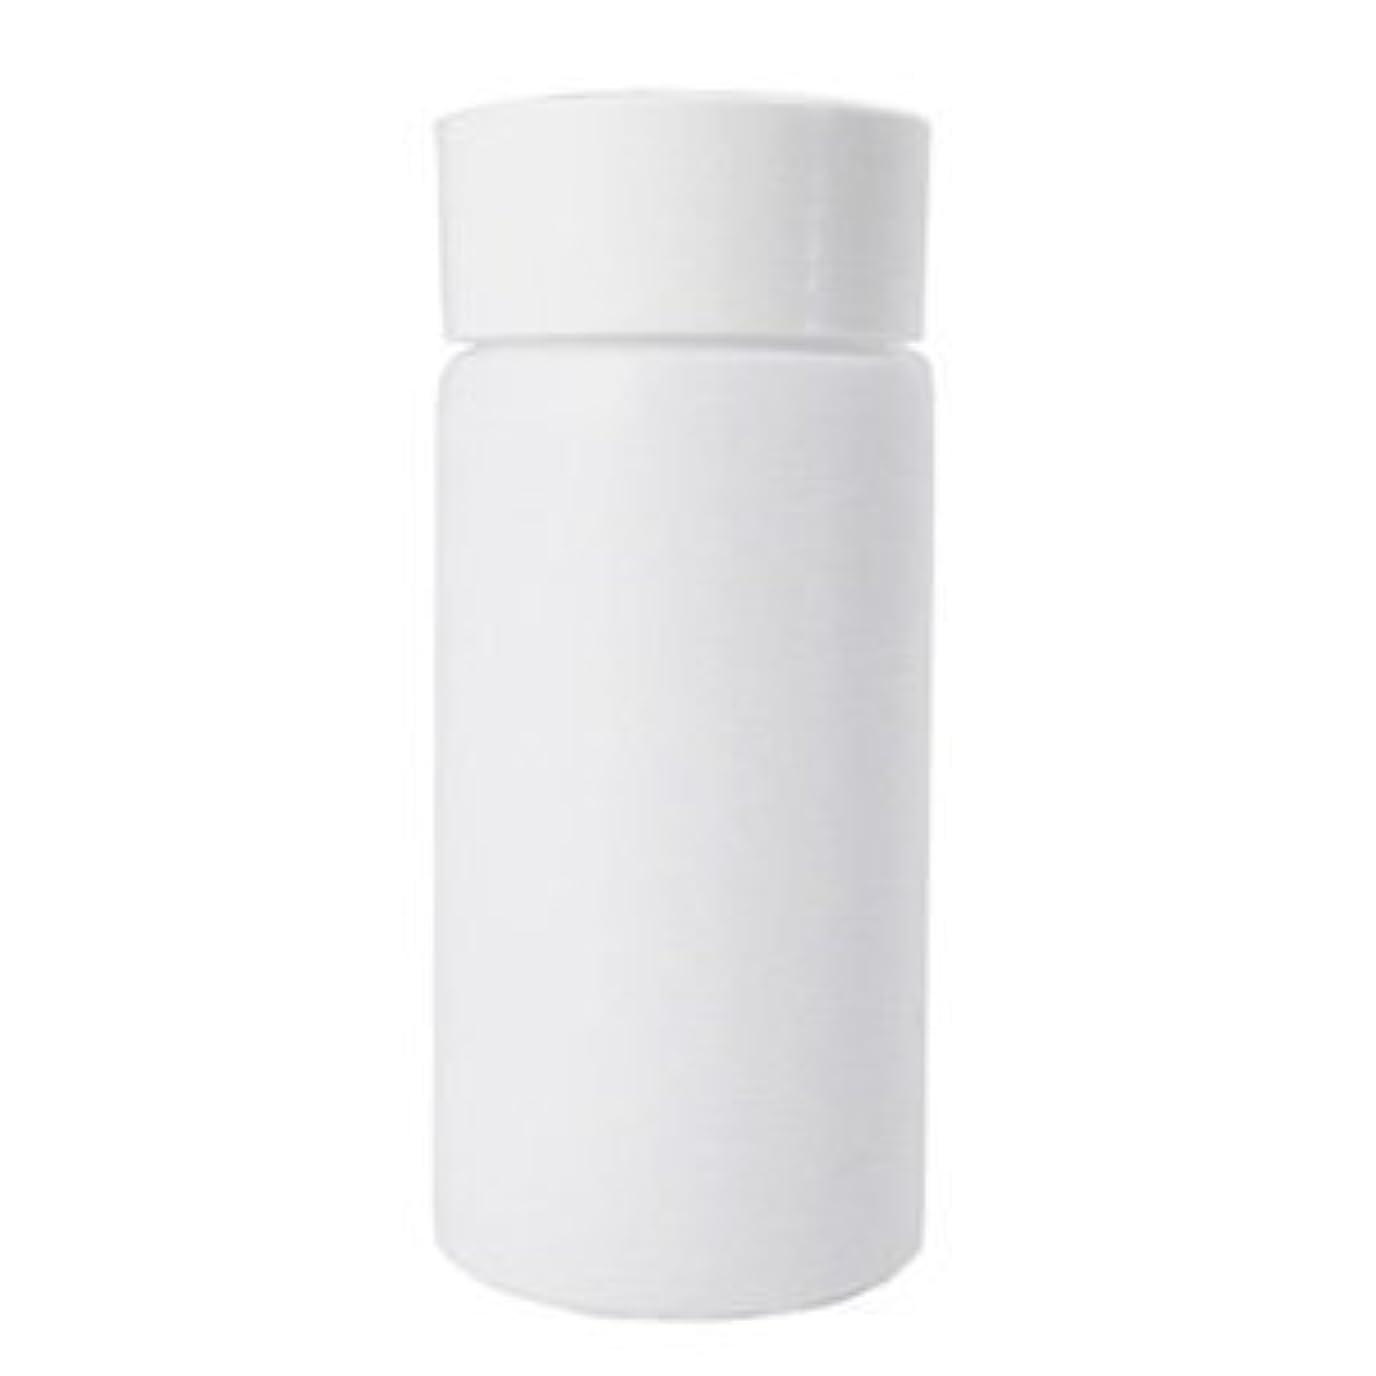 やめるコメントトラフィックパウダー用ボトル容器 154ml 材質 HDPE EVOH